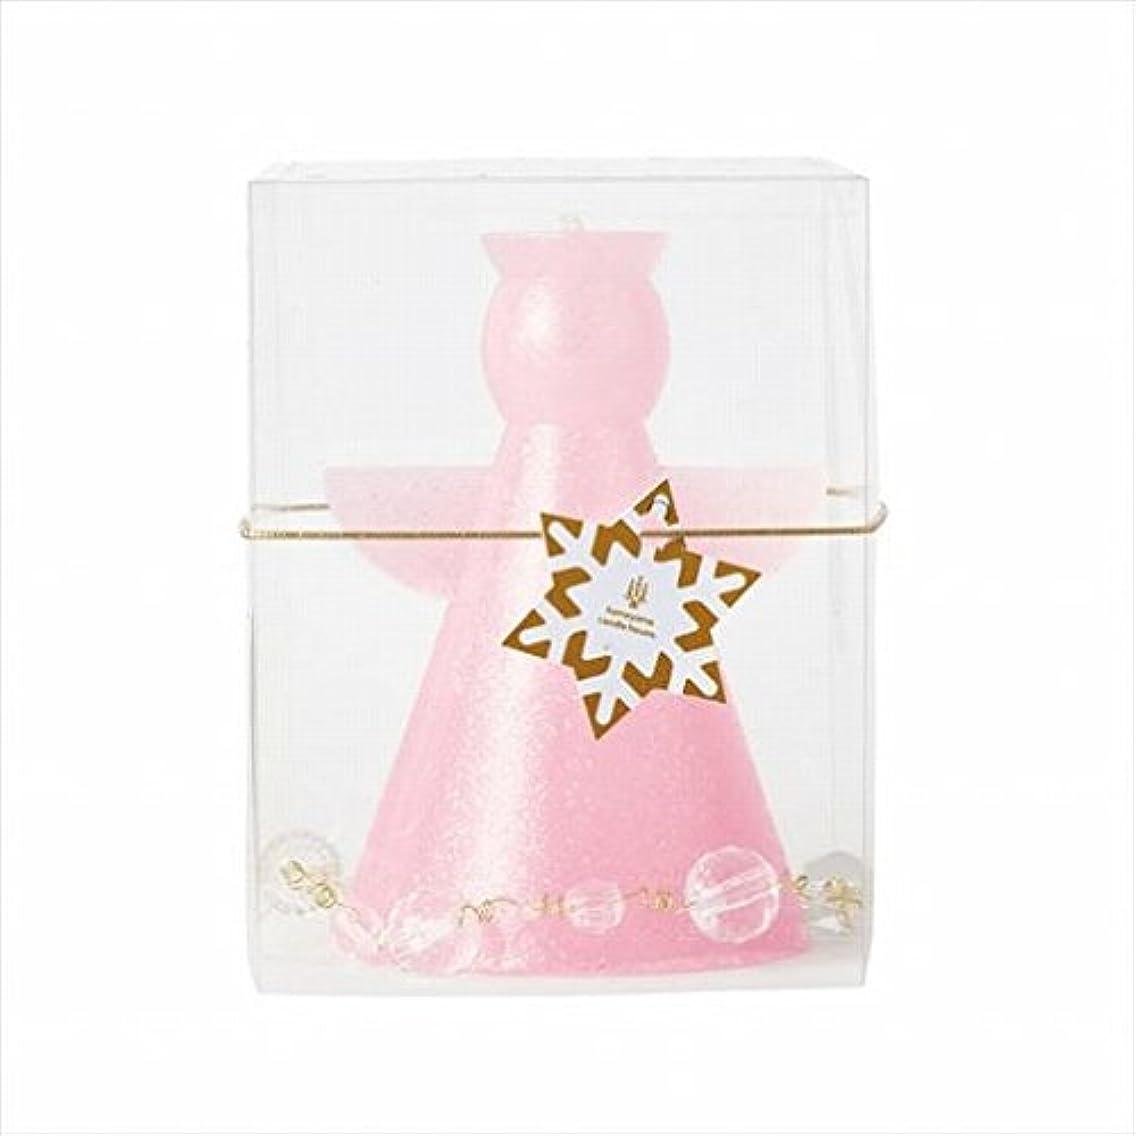 受取人エスカレーター舌なカメヤマキャンドル(kameyama candle) クリスタルアンジェリカ 「 ピンク 」